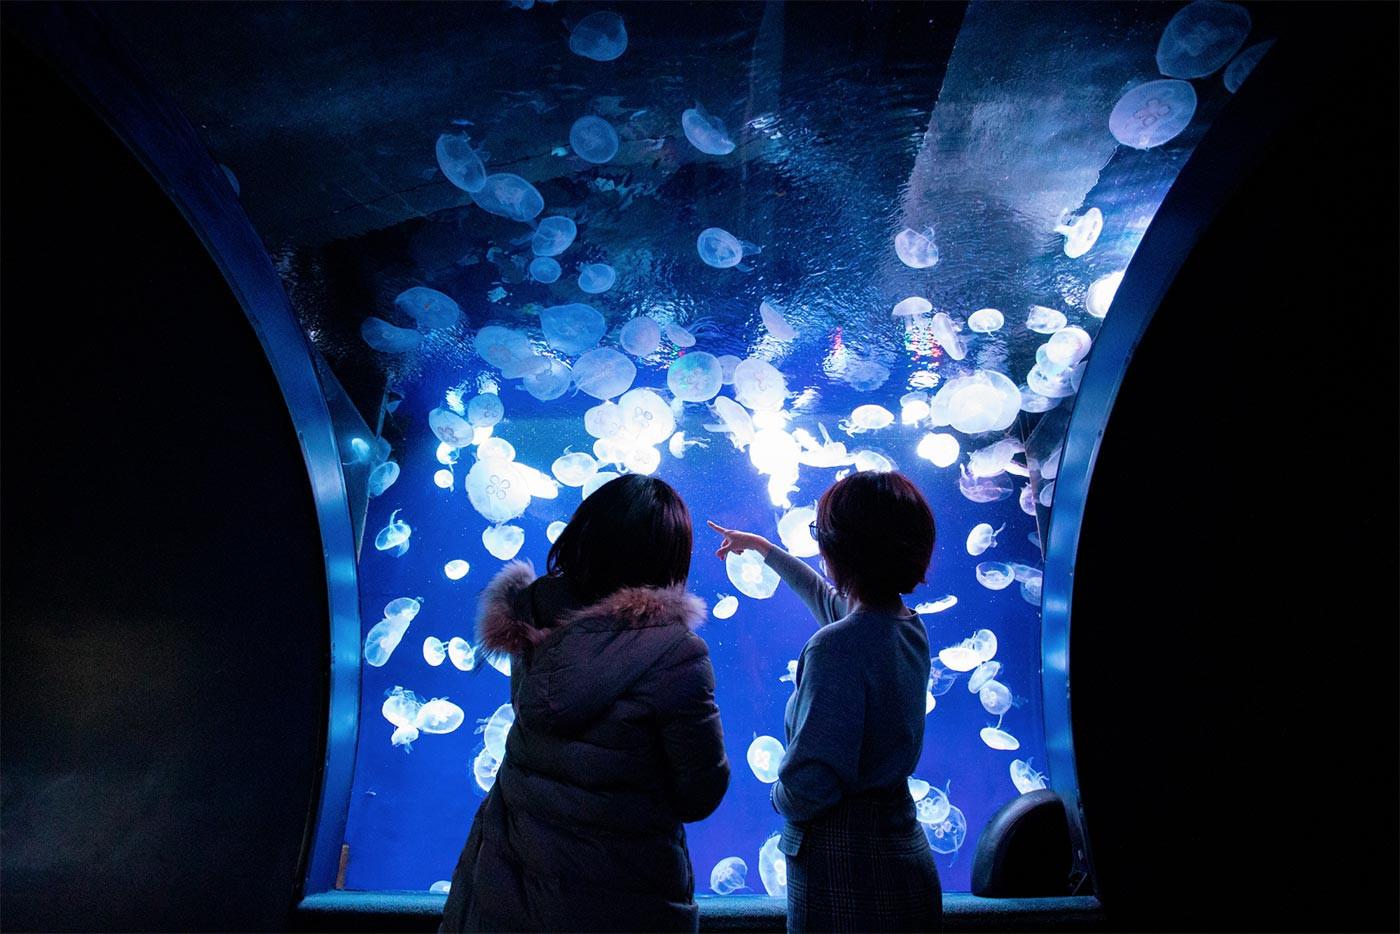 クラゲの展示場所「ふわりうむ」